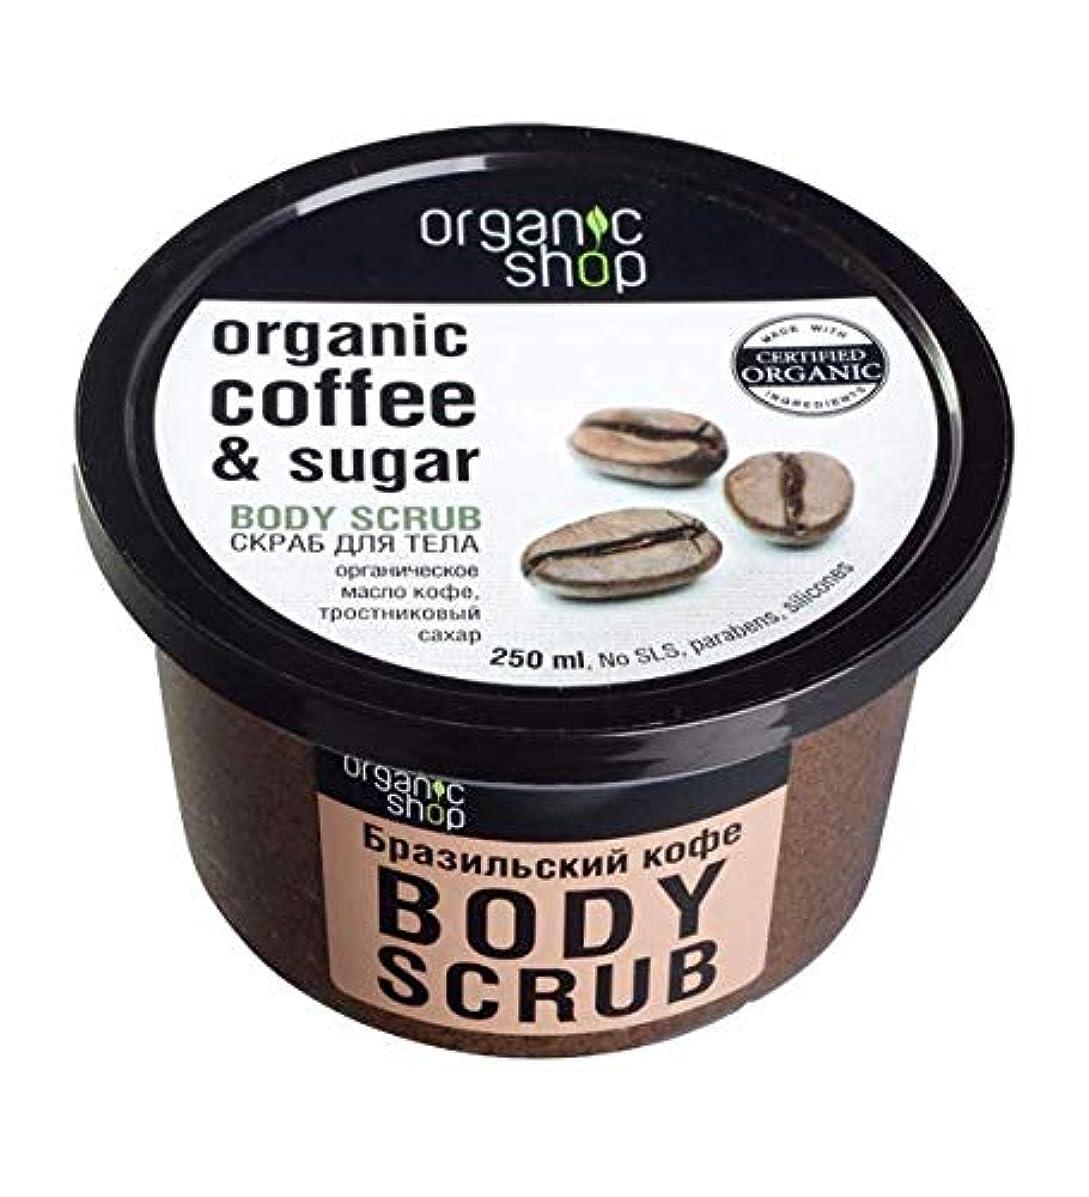 連隊加入傾向があります【話題沸騰中】ロシア産 ORGANIC SHOP オーガニック ショップ ボディスクラブ coffee&sugar 250ml 「ブラジルコーヒー」